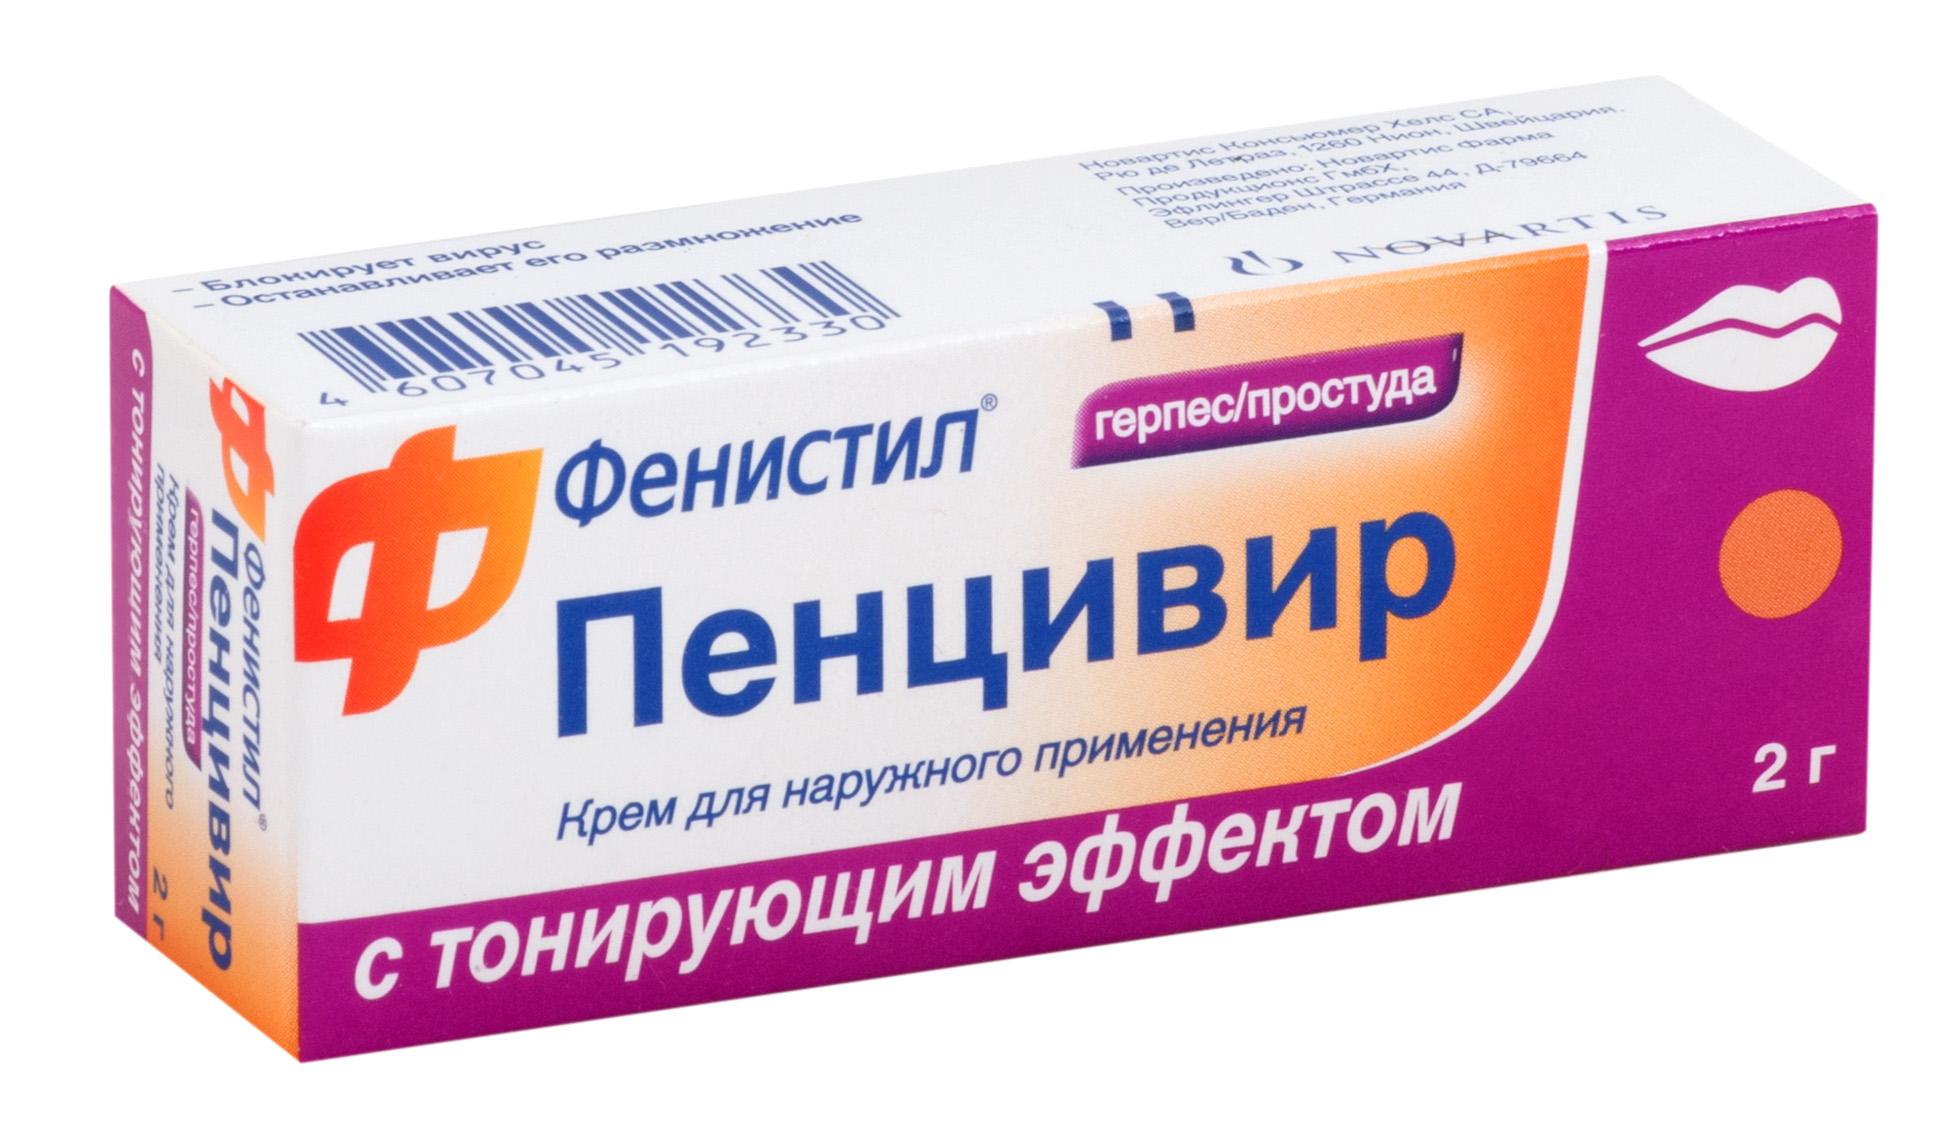 Фенистил пенцивир крем с тонир эффектом 1% 2г